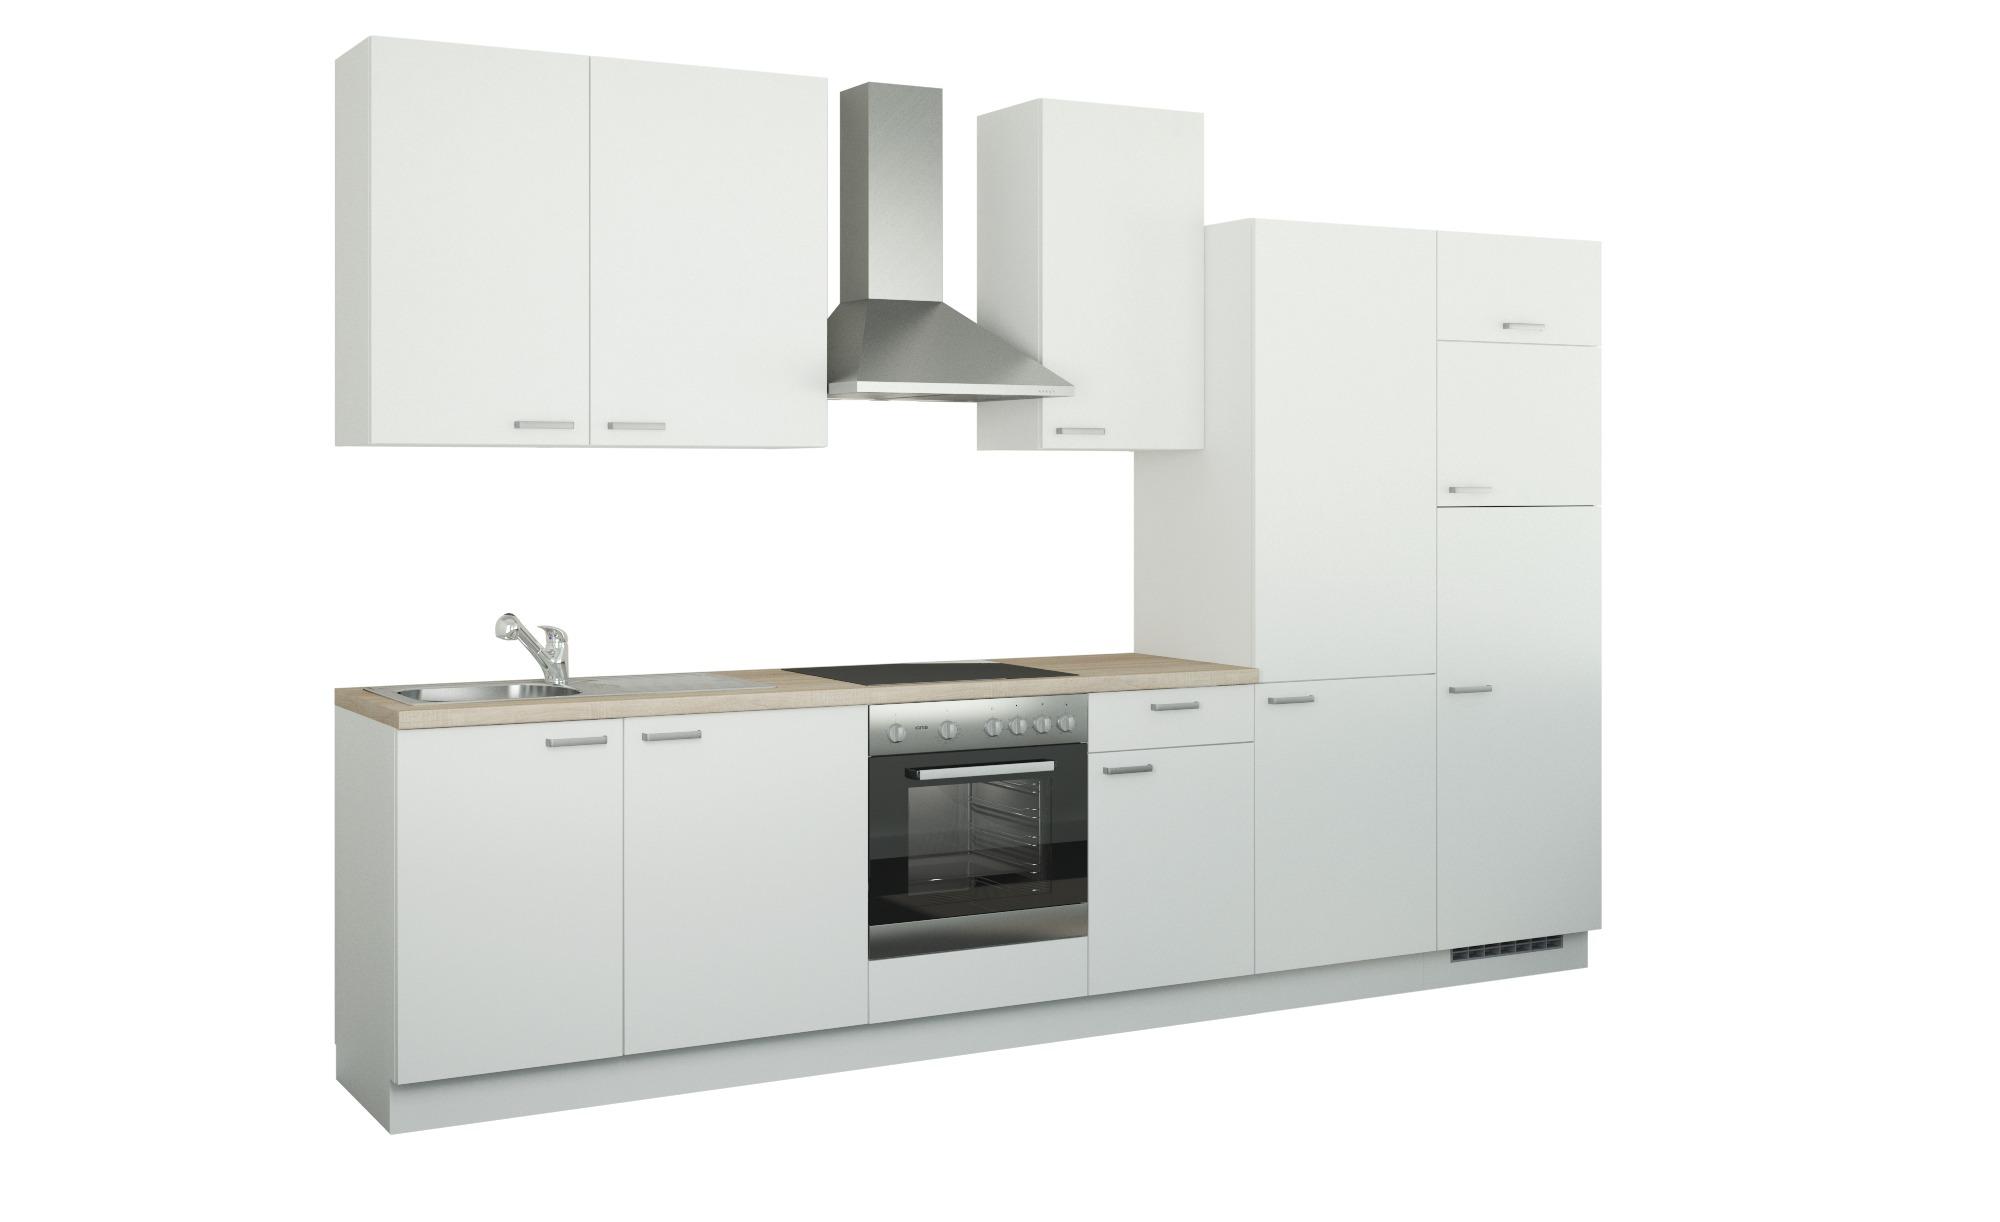 Küchenzeile mit Elektrogeräten  Duisburg ¦ weiß ¦ Maße (cm): B: 340 Küchen > Küchenblöcke mit E-Geräten - Höffner | Küche und Esszimmer > Küchen | Möbel Höffner DE